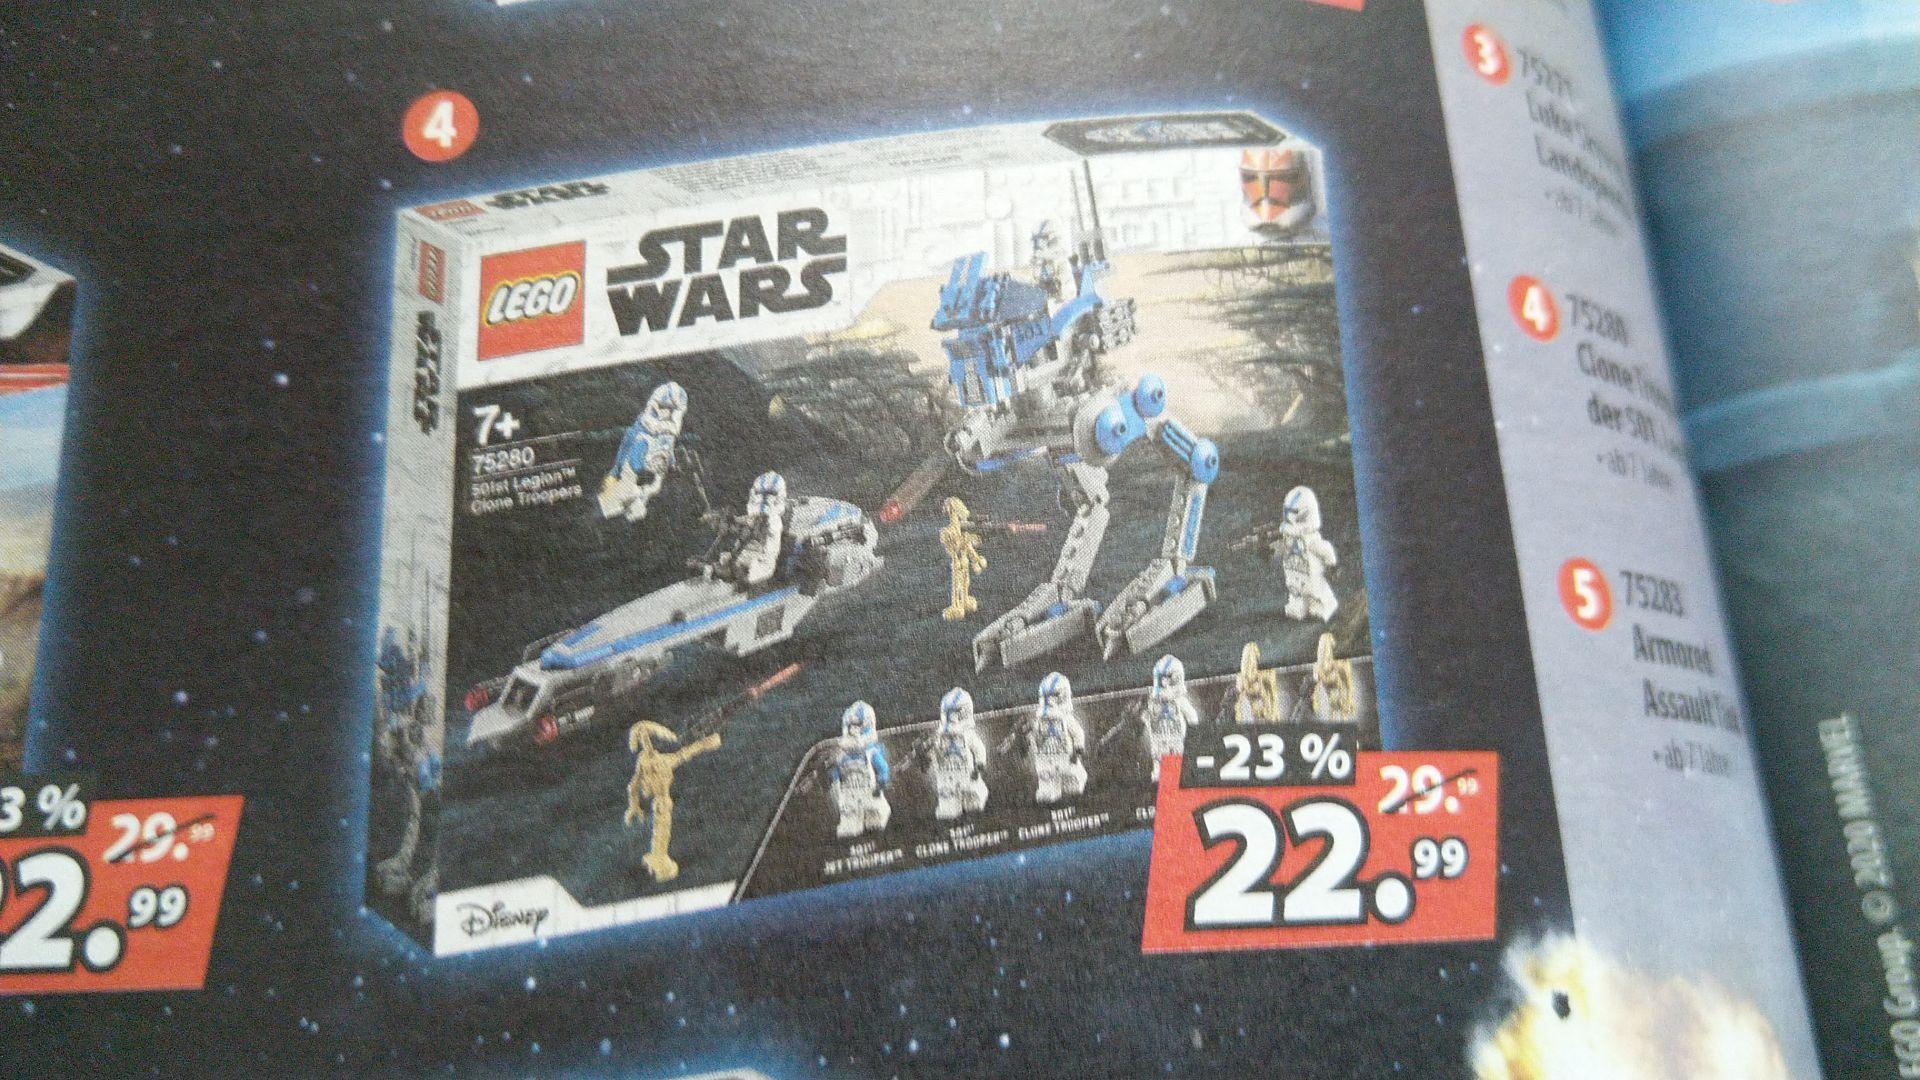 LEGO Star Wars 75280 Clone Troopers der 501. Legion [Spielemax Filiale]